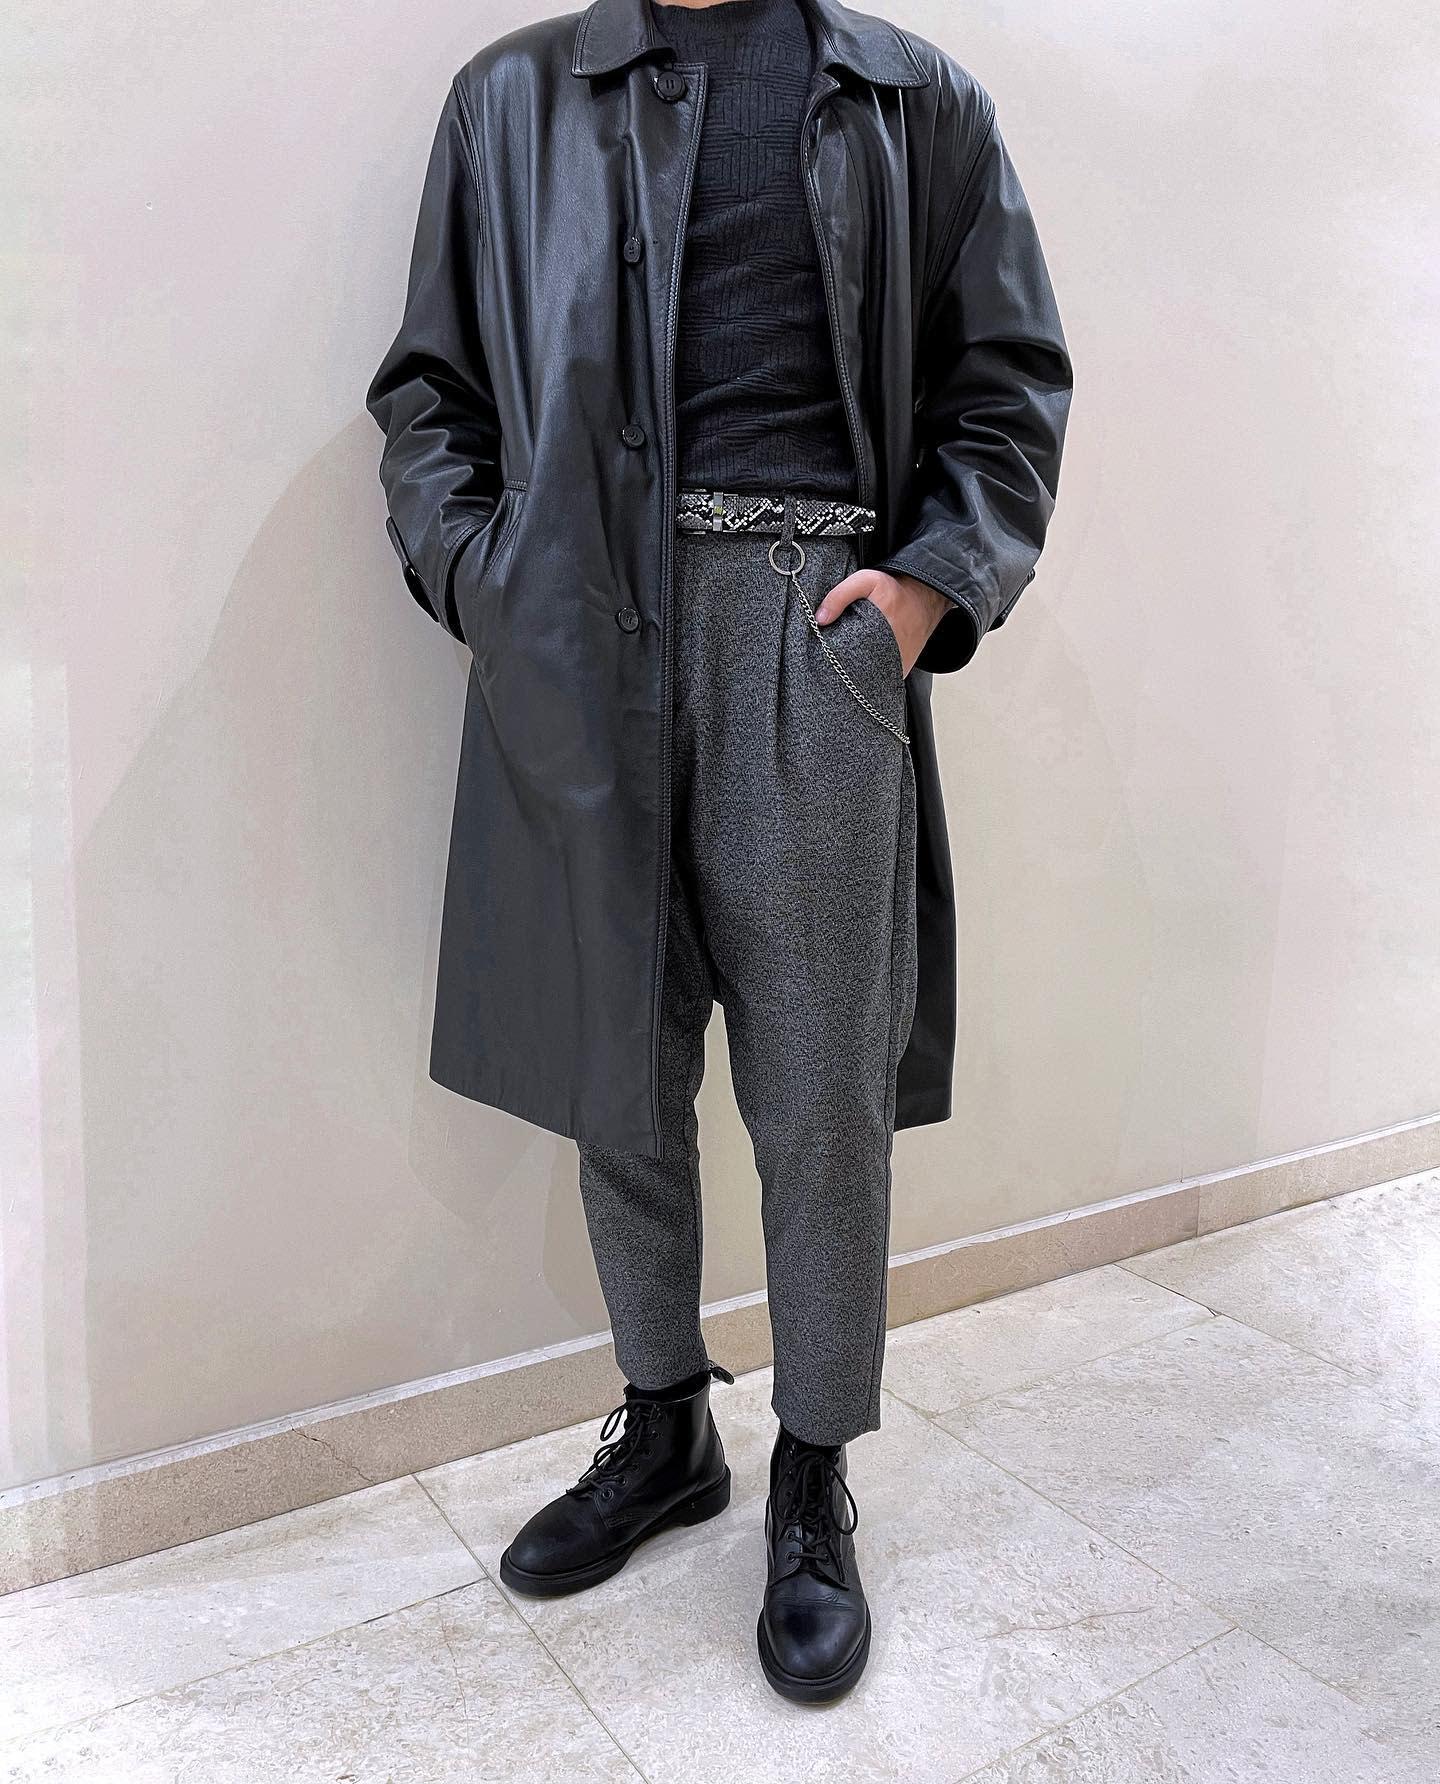 Coat Leather Jacket Styles -mila.kng